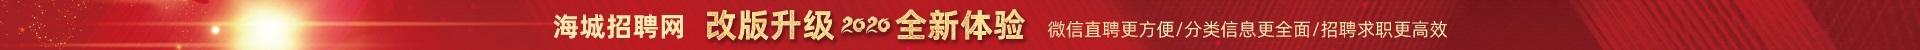 海城招聘网注册